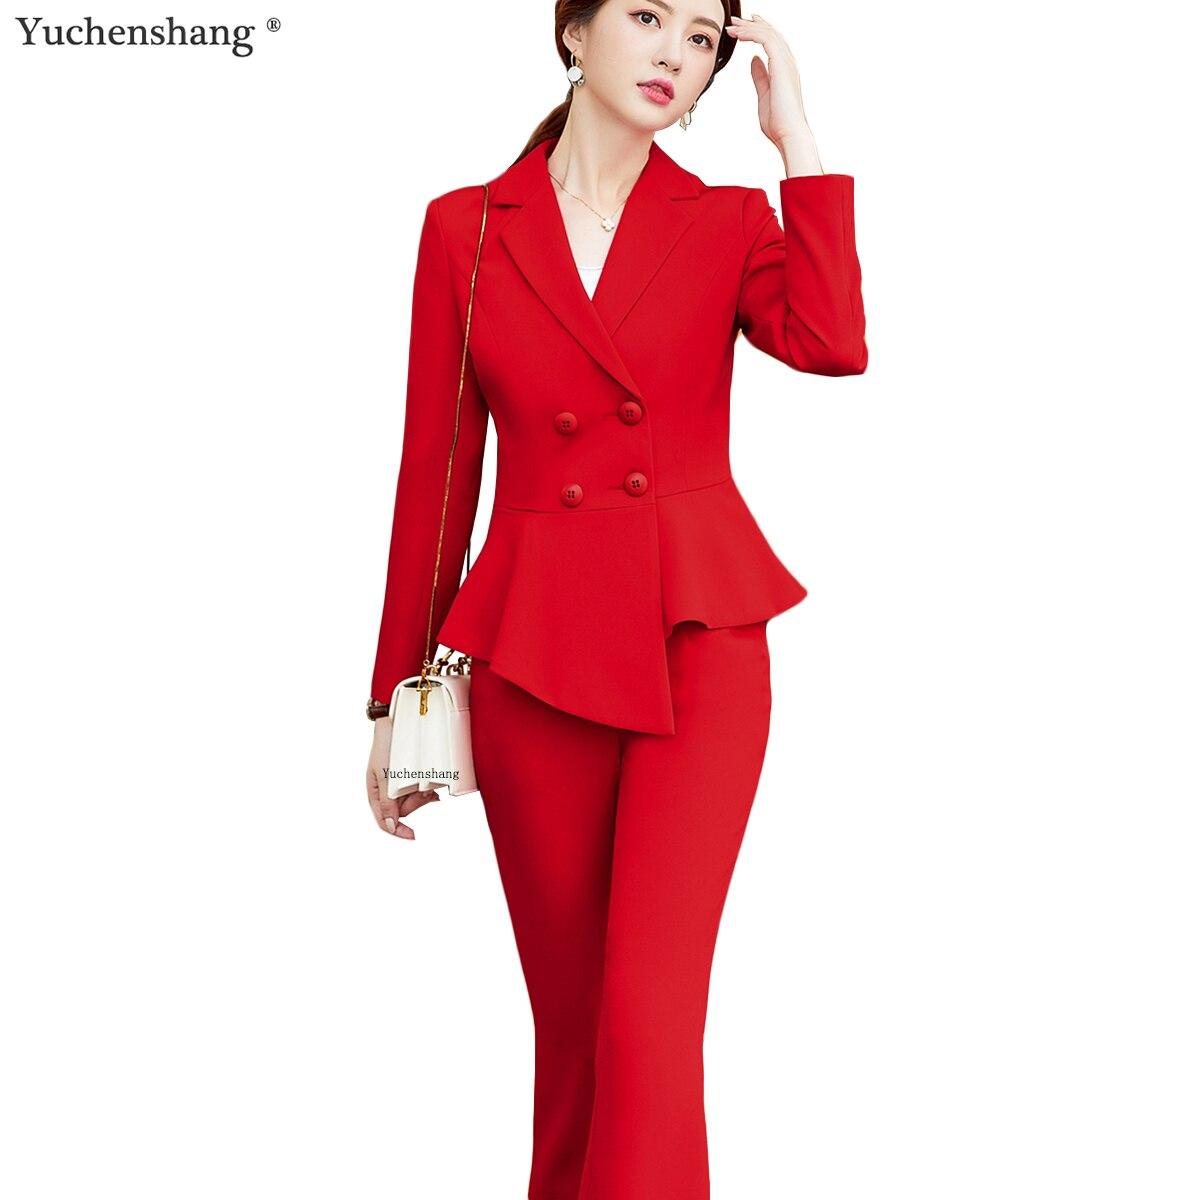 New Arrives 2 Piece Set Women Pant Suit Formal Uniform 2019 Fashion Plus Size Solid Blazer And Pants Office Lady Style